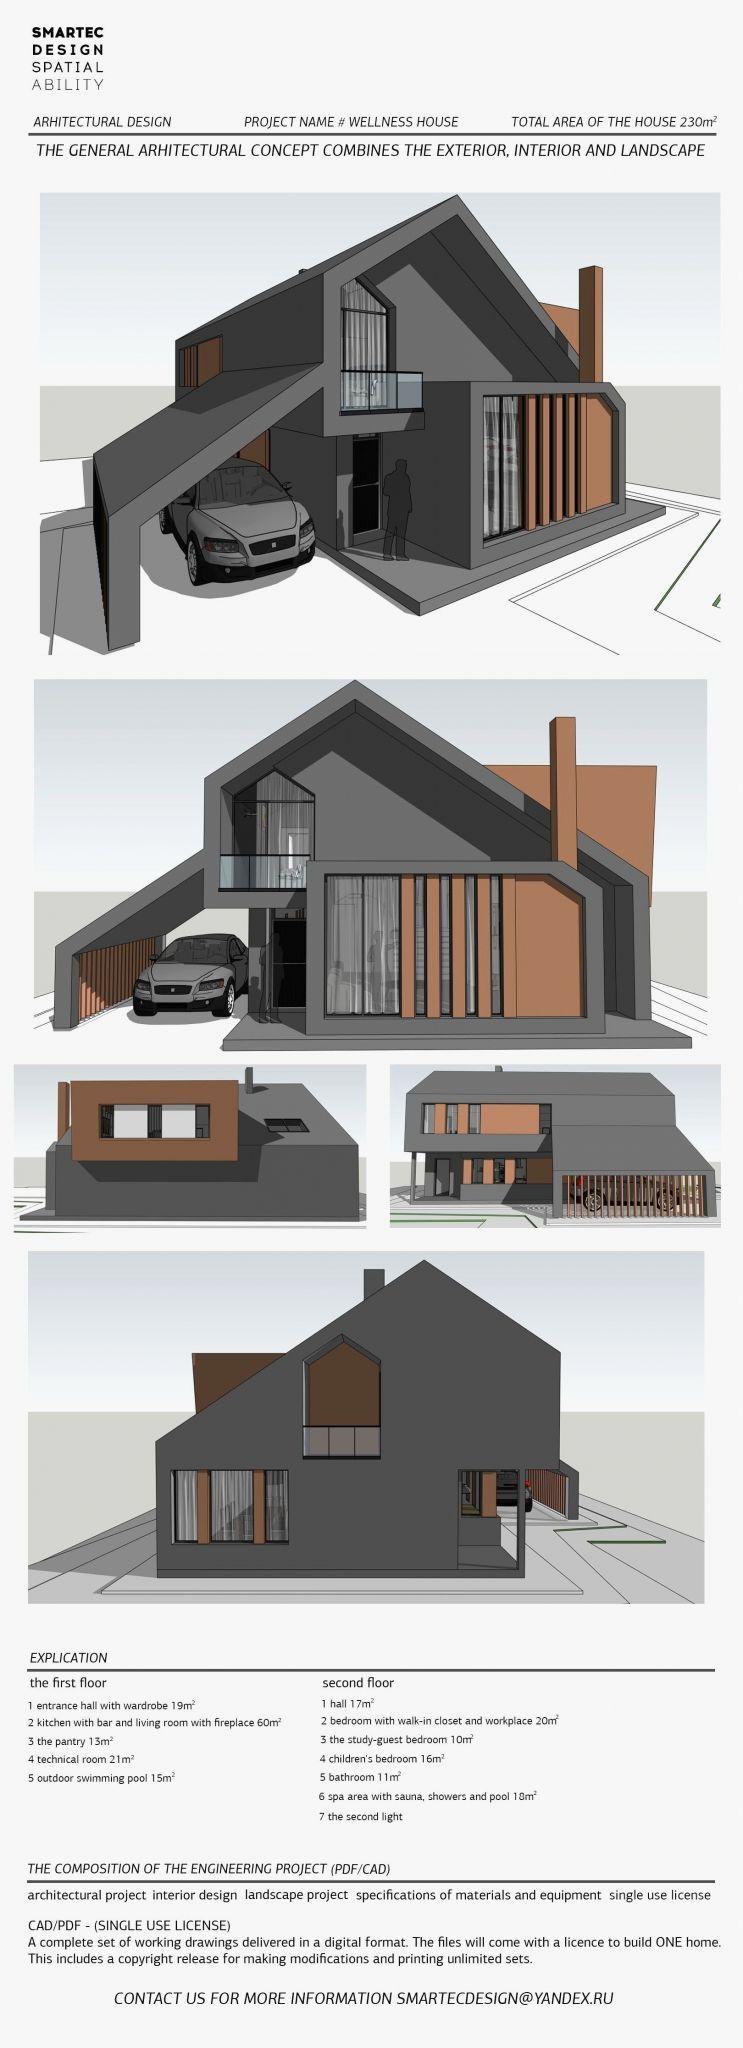 4 Bedroom Maisonette House Plans Kenya Small House Design Indoor Pool House House Plans Farmhouse